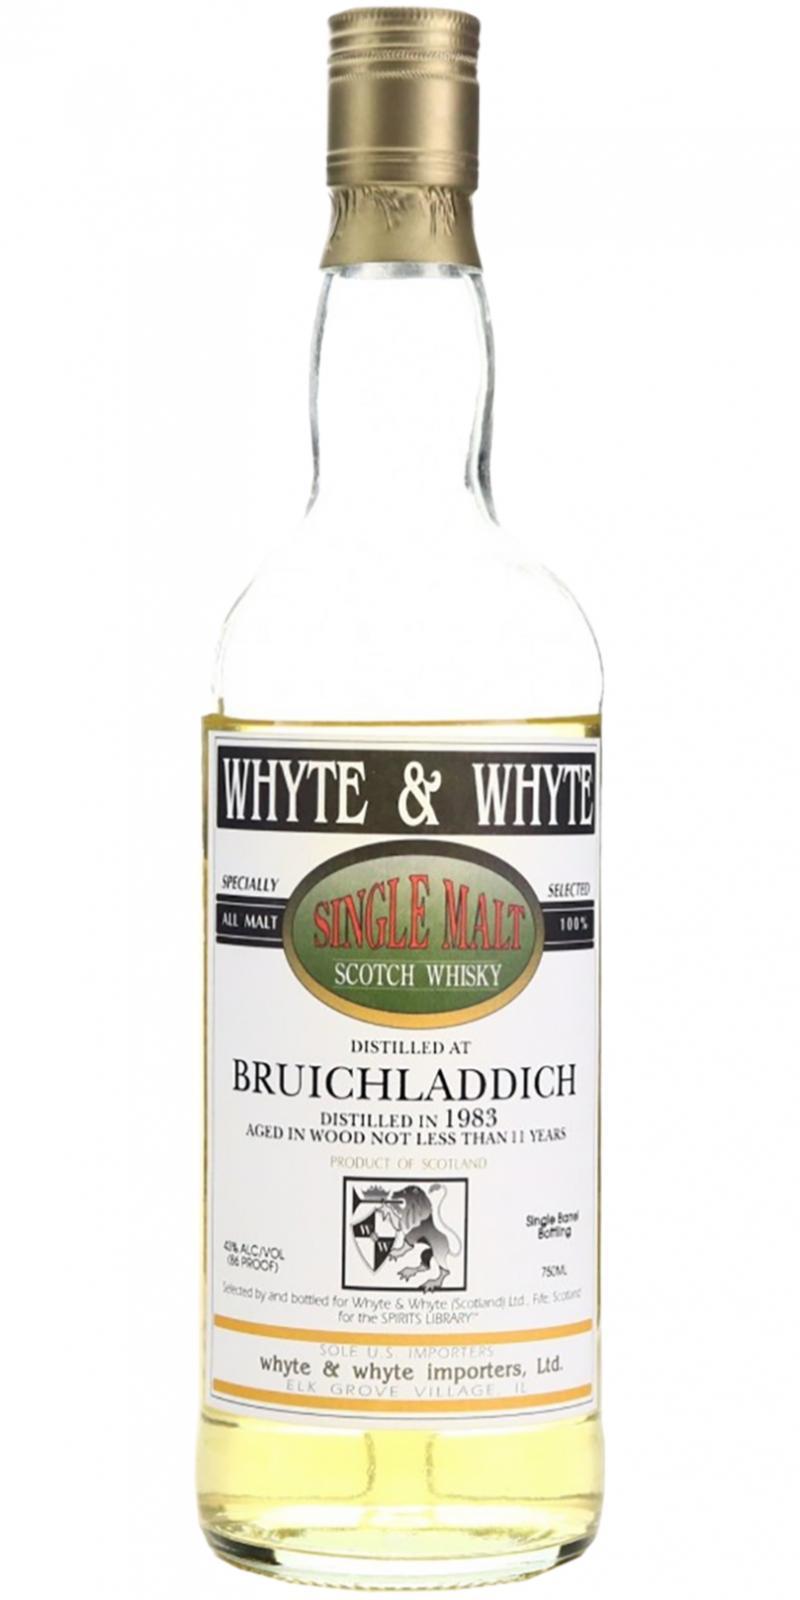 Bruichladdich 1983 W&W